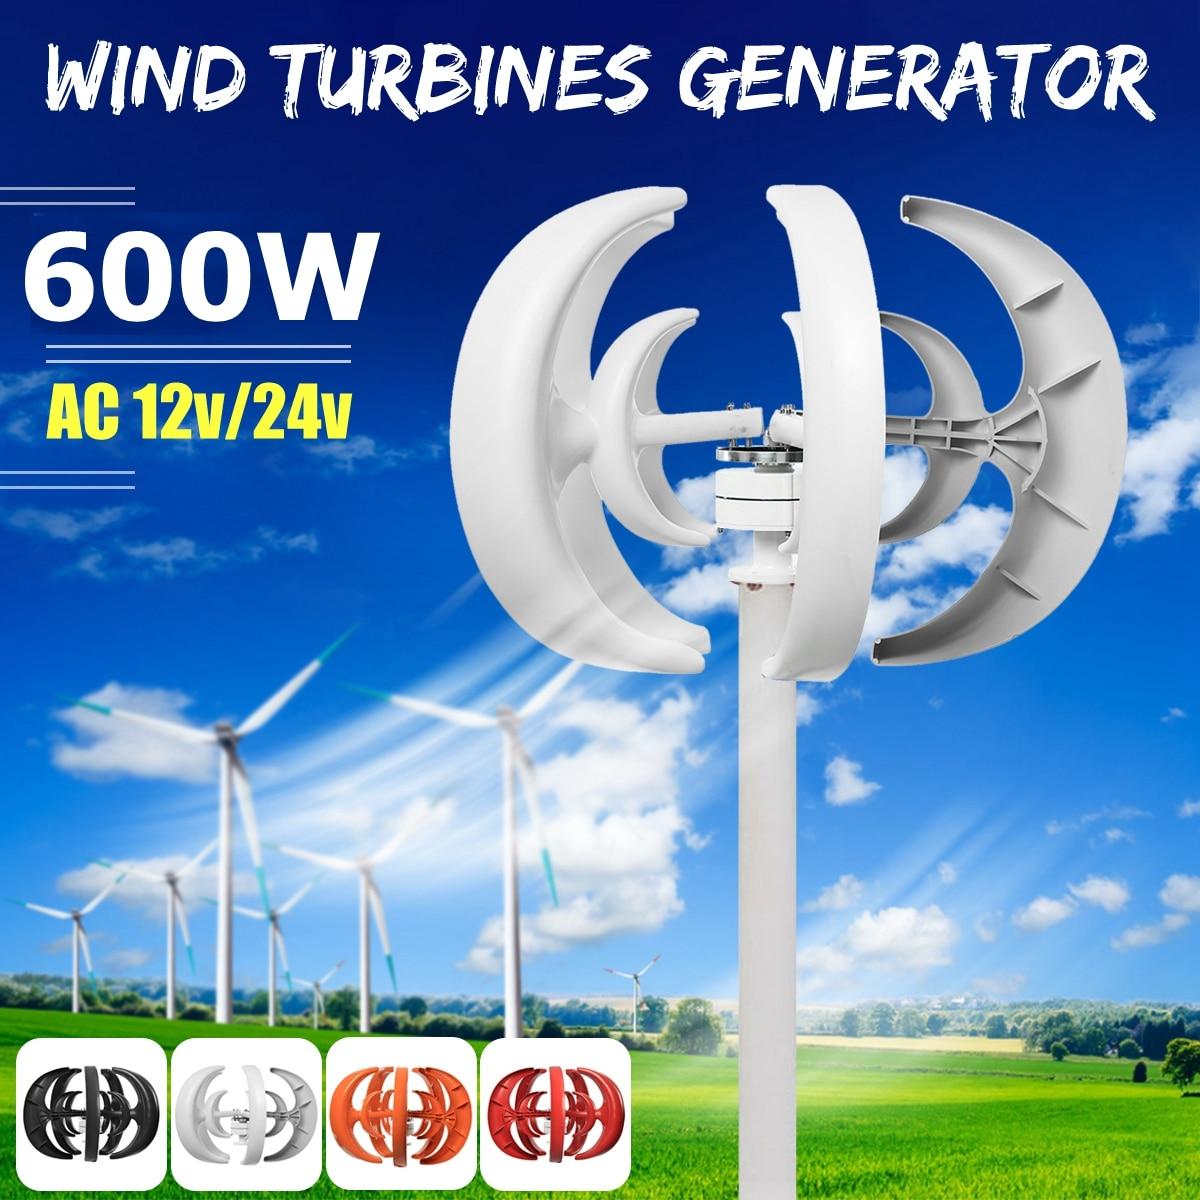 Max 600 w AC 12 v 24 v Vent Turbine Générateur Lanterne 5 Lames Moteur Kit Axe Vertical